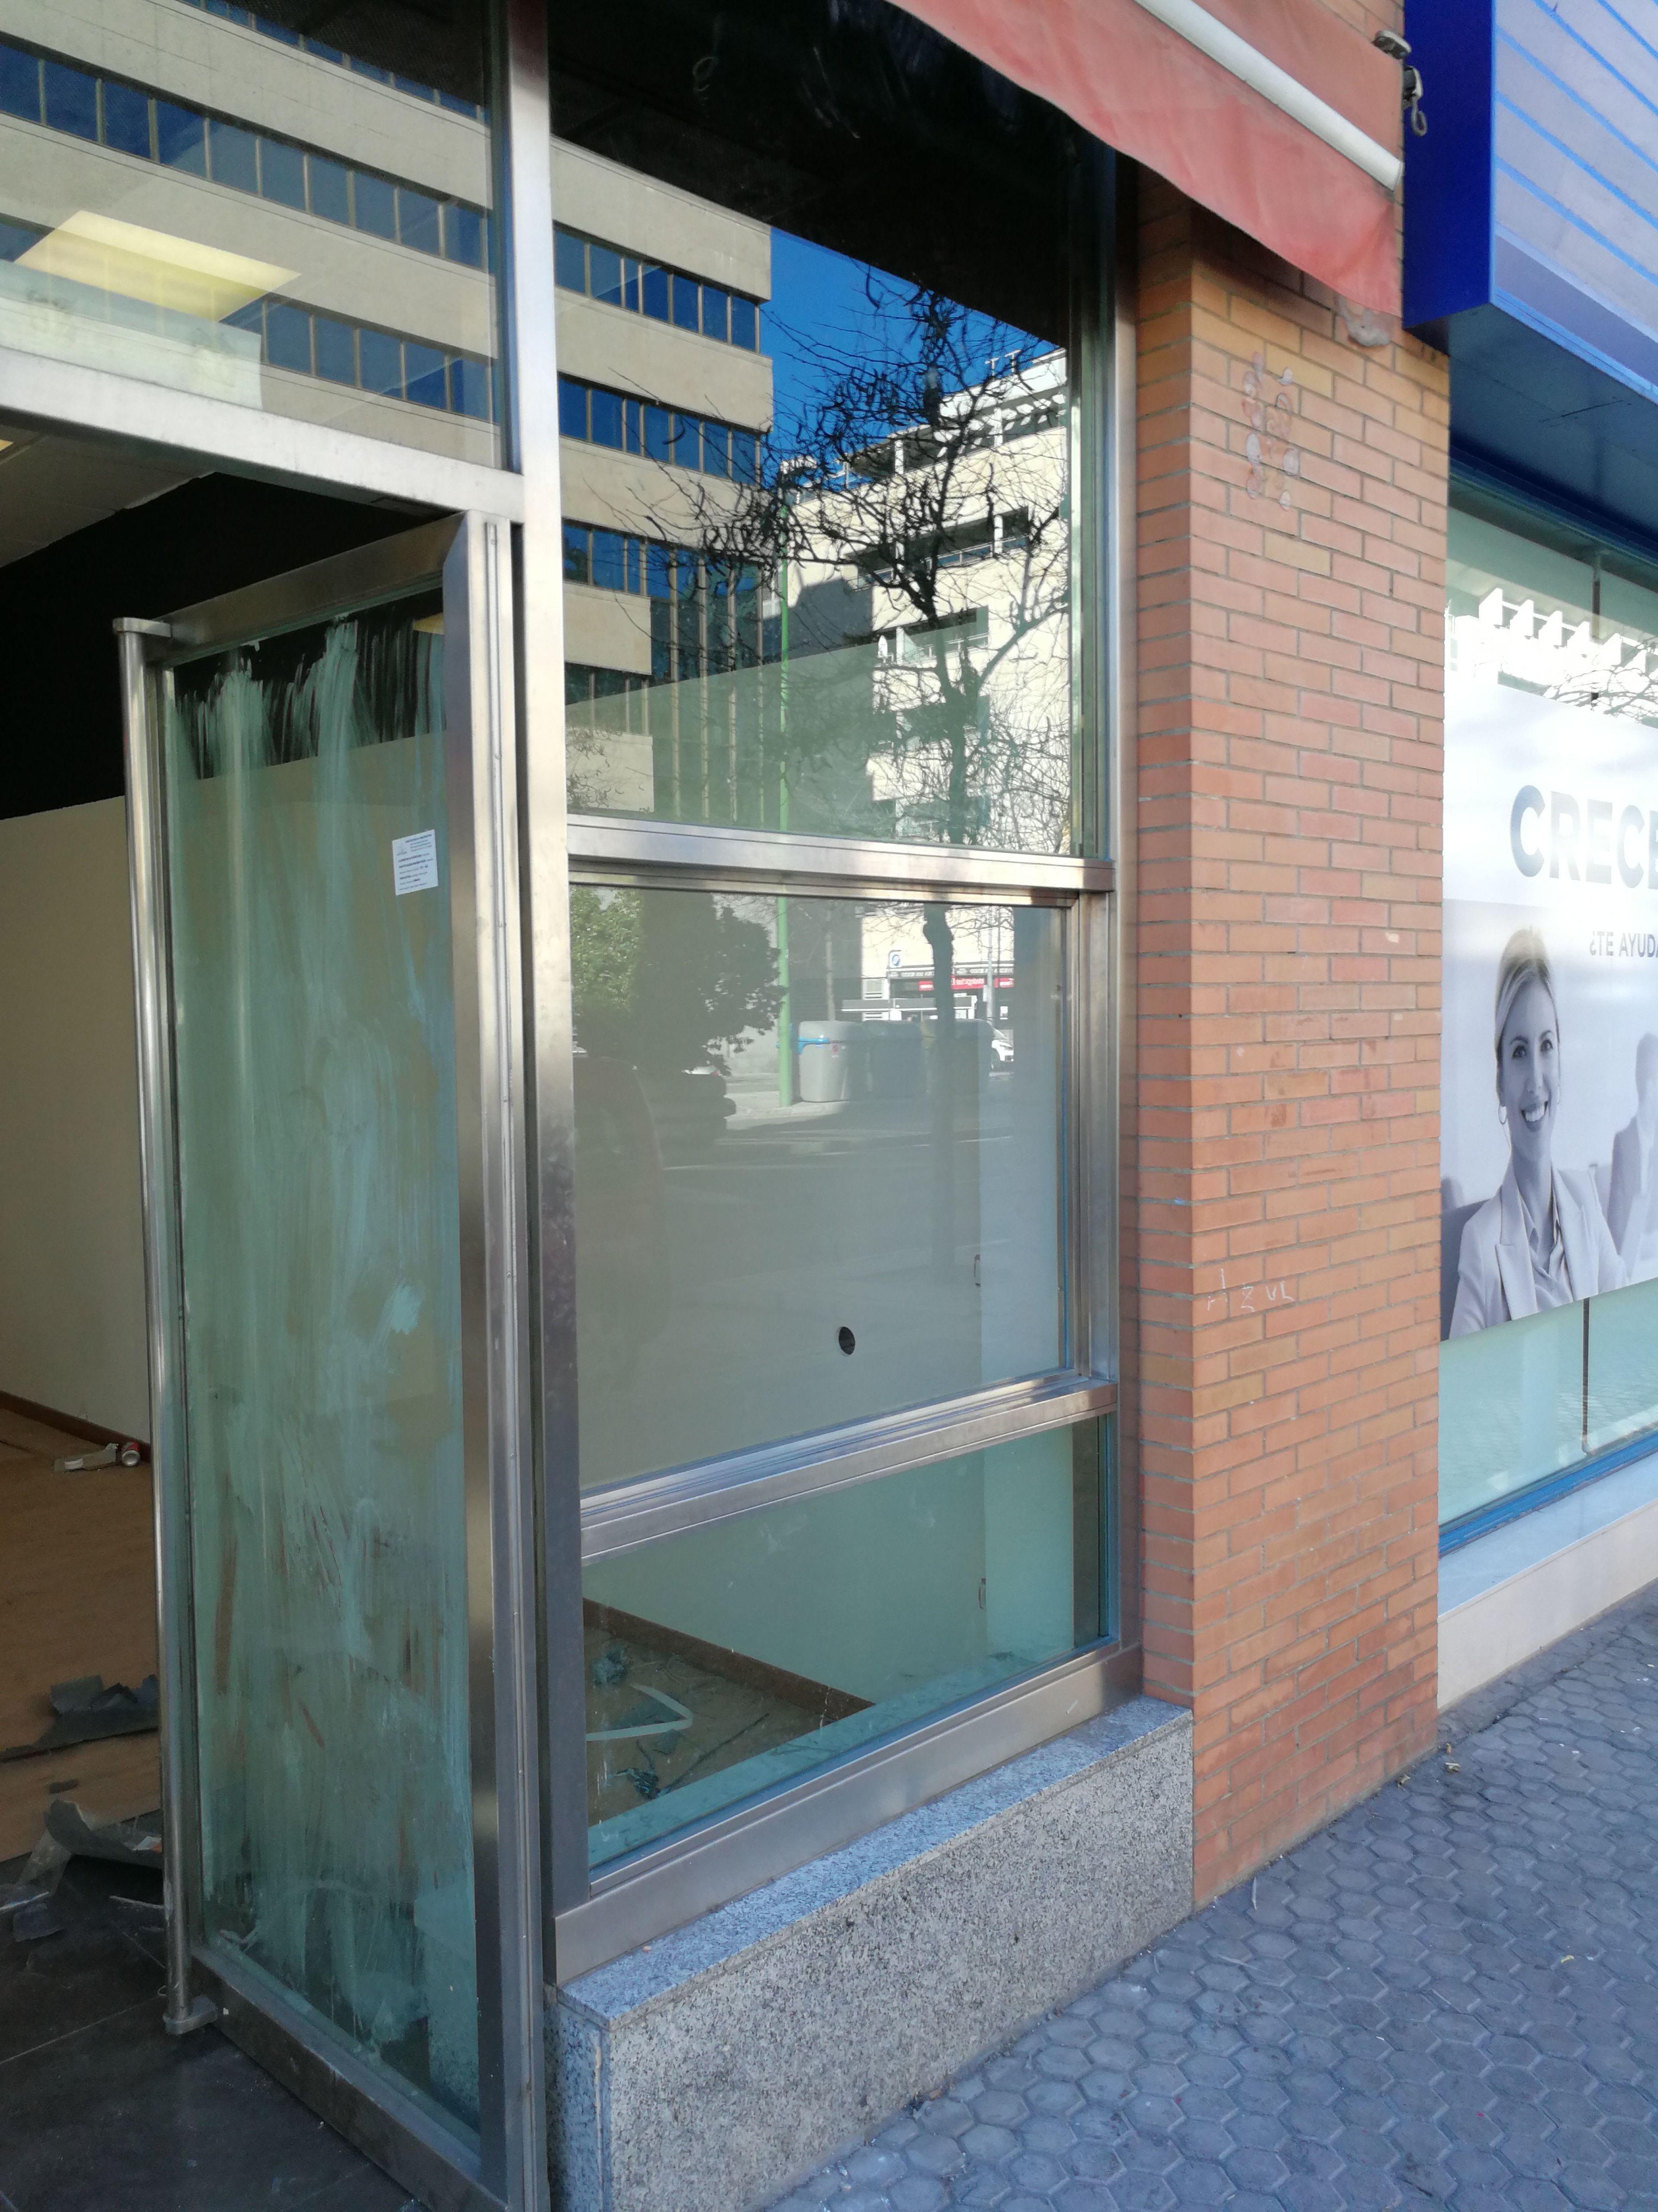 Foto 141 de Especialistas en diseños y proyectos en acero inoxidable en Alcalá de Guadaíra | Icminox